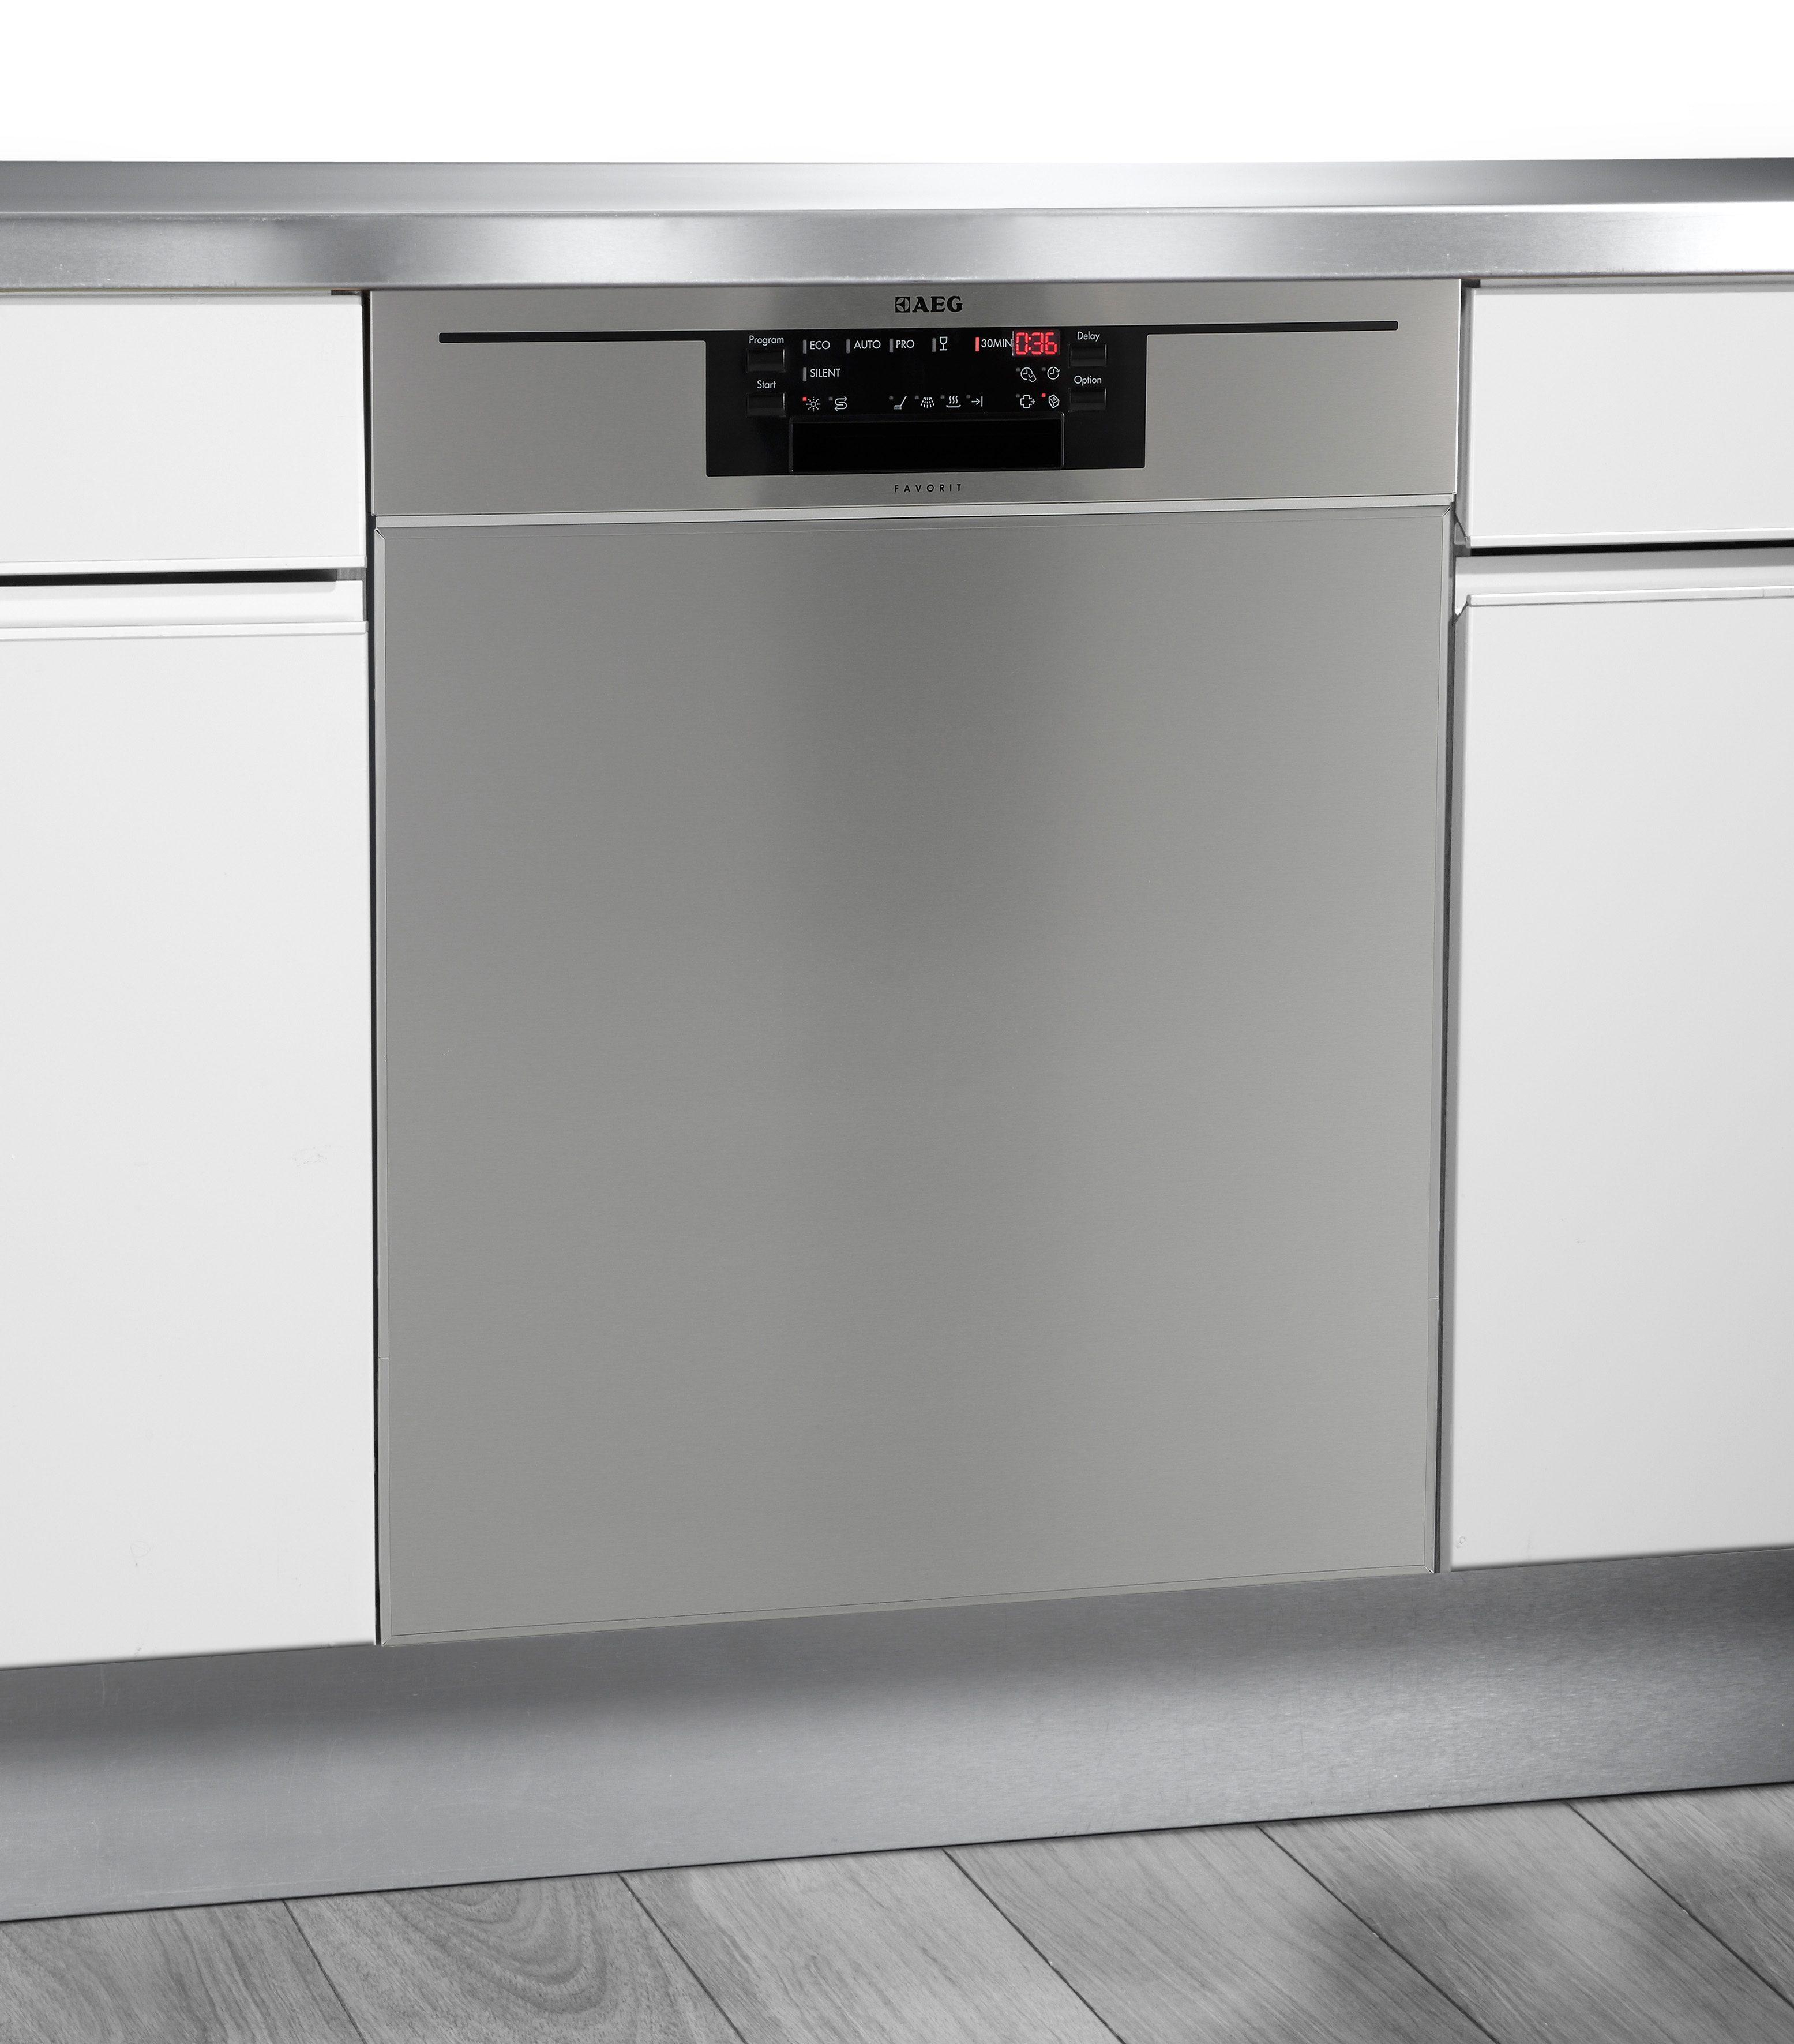 AEG Unterbau Geschirrspüler FAVORIT F66602UM0P, A++, 10,2 Liter, 13 Maßgedecke